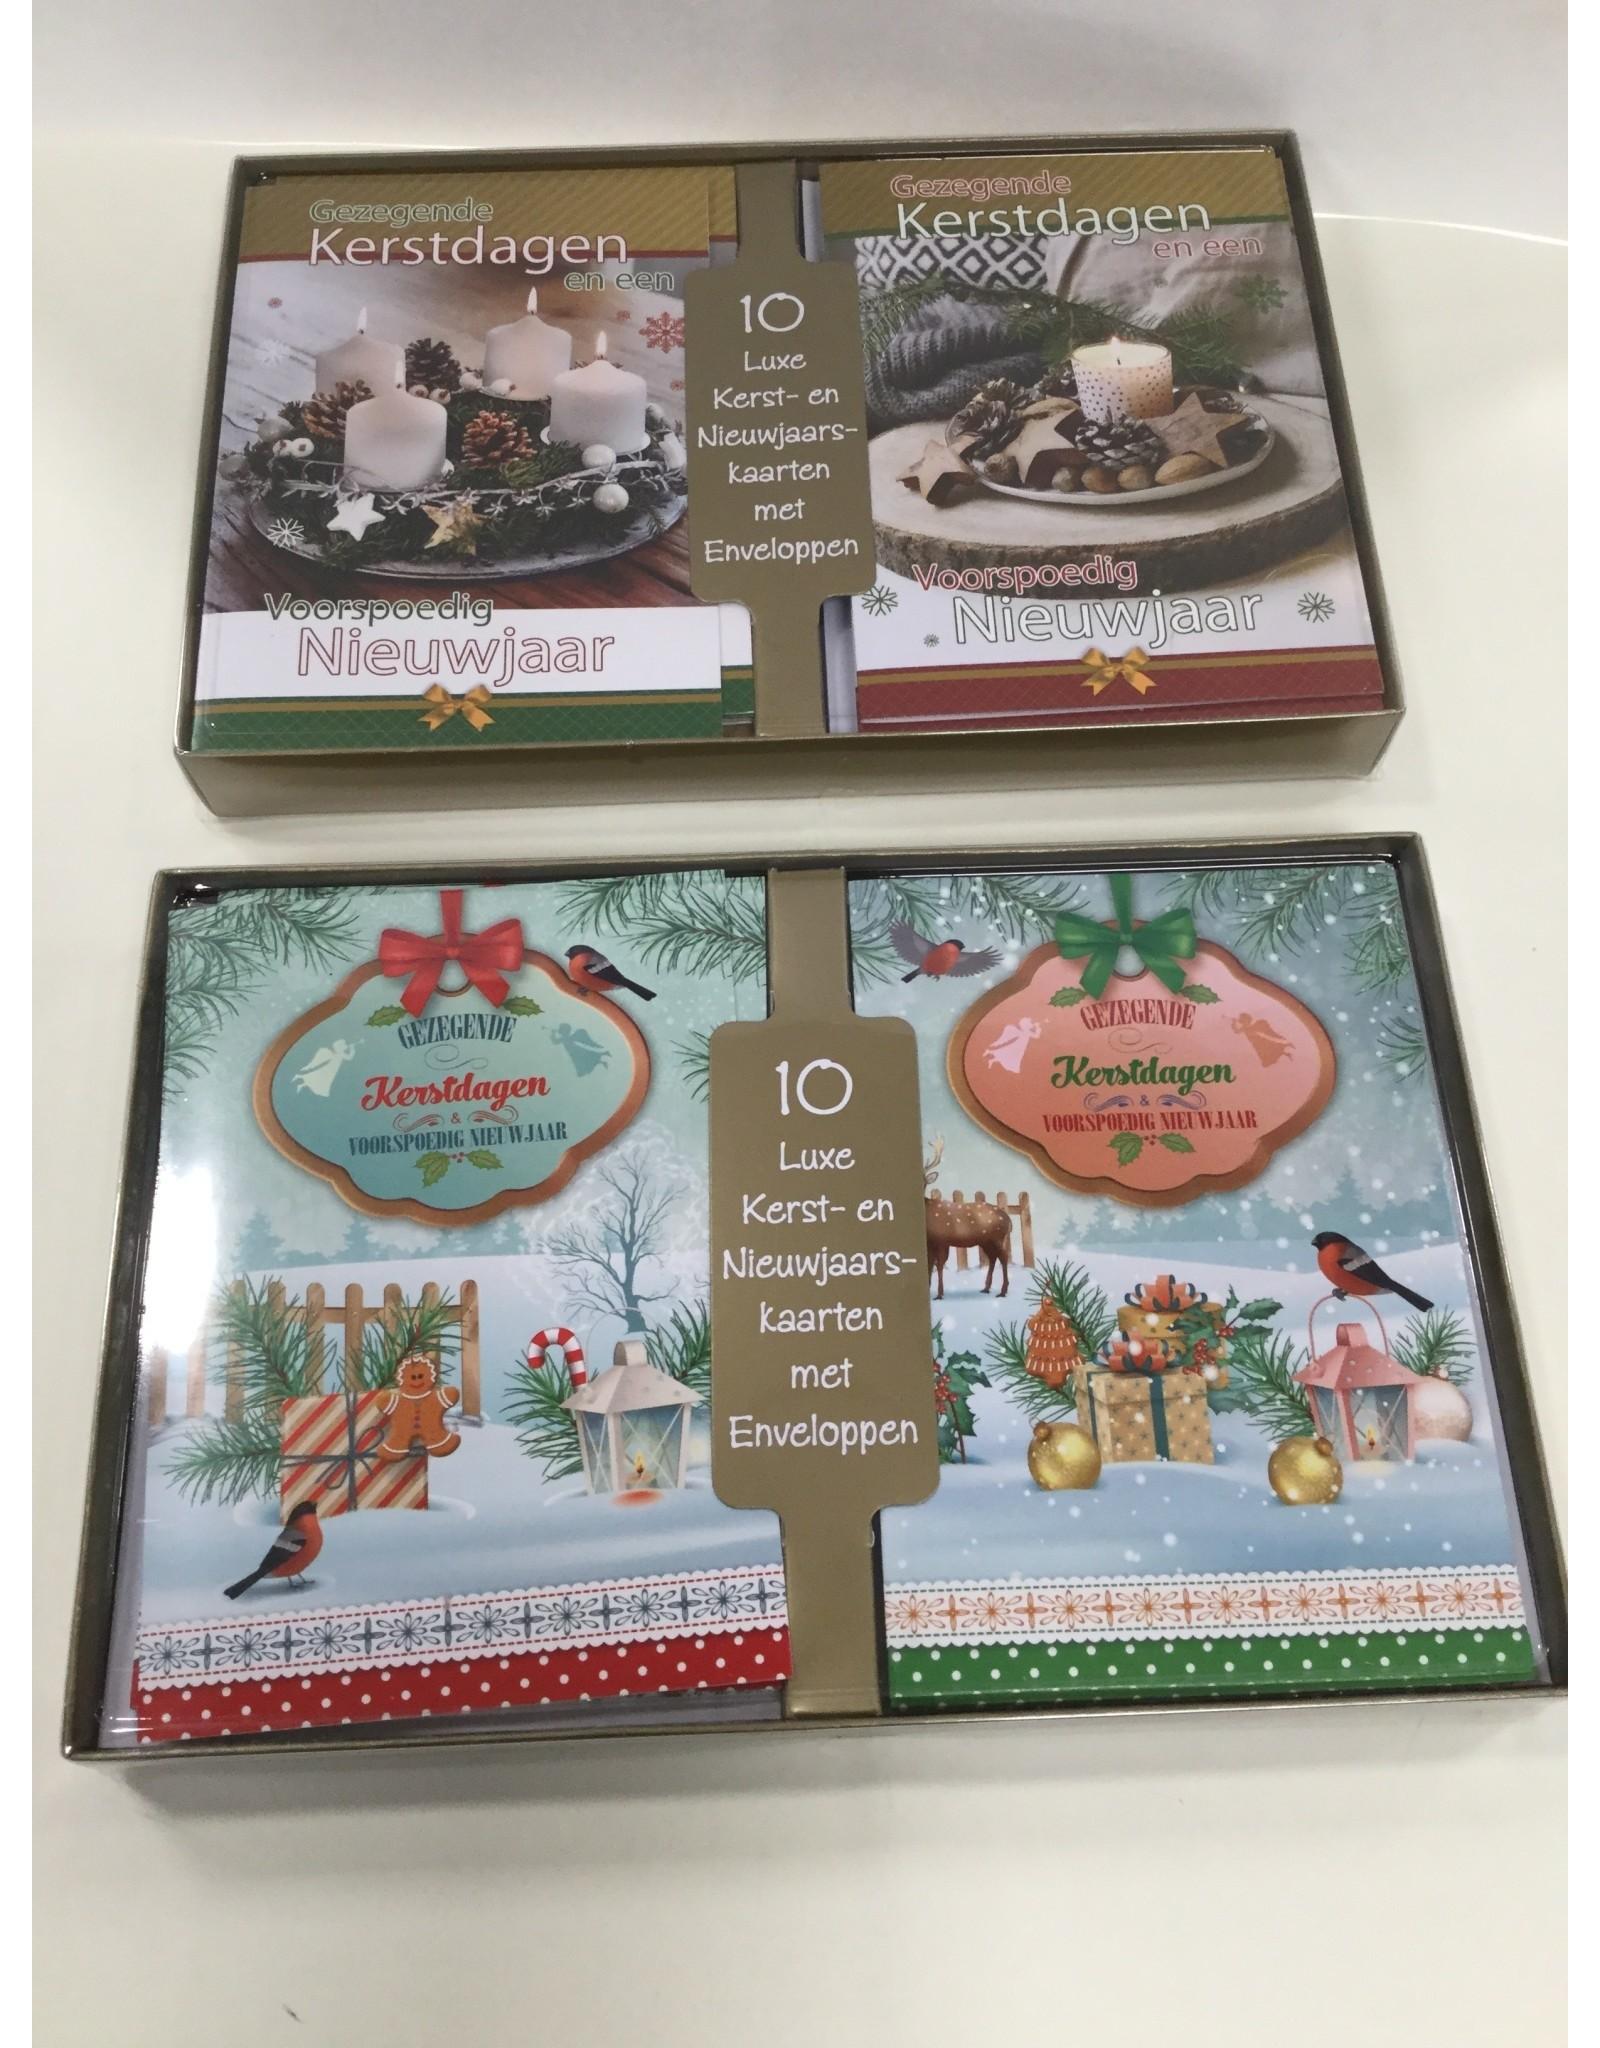 10  Gezegende kerstdagen  kaarten met enveloppen